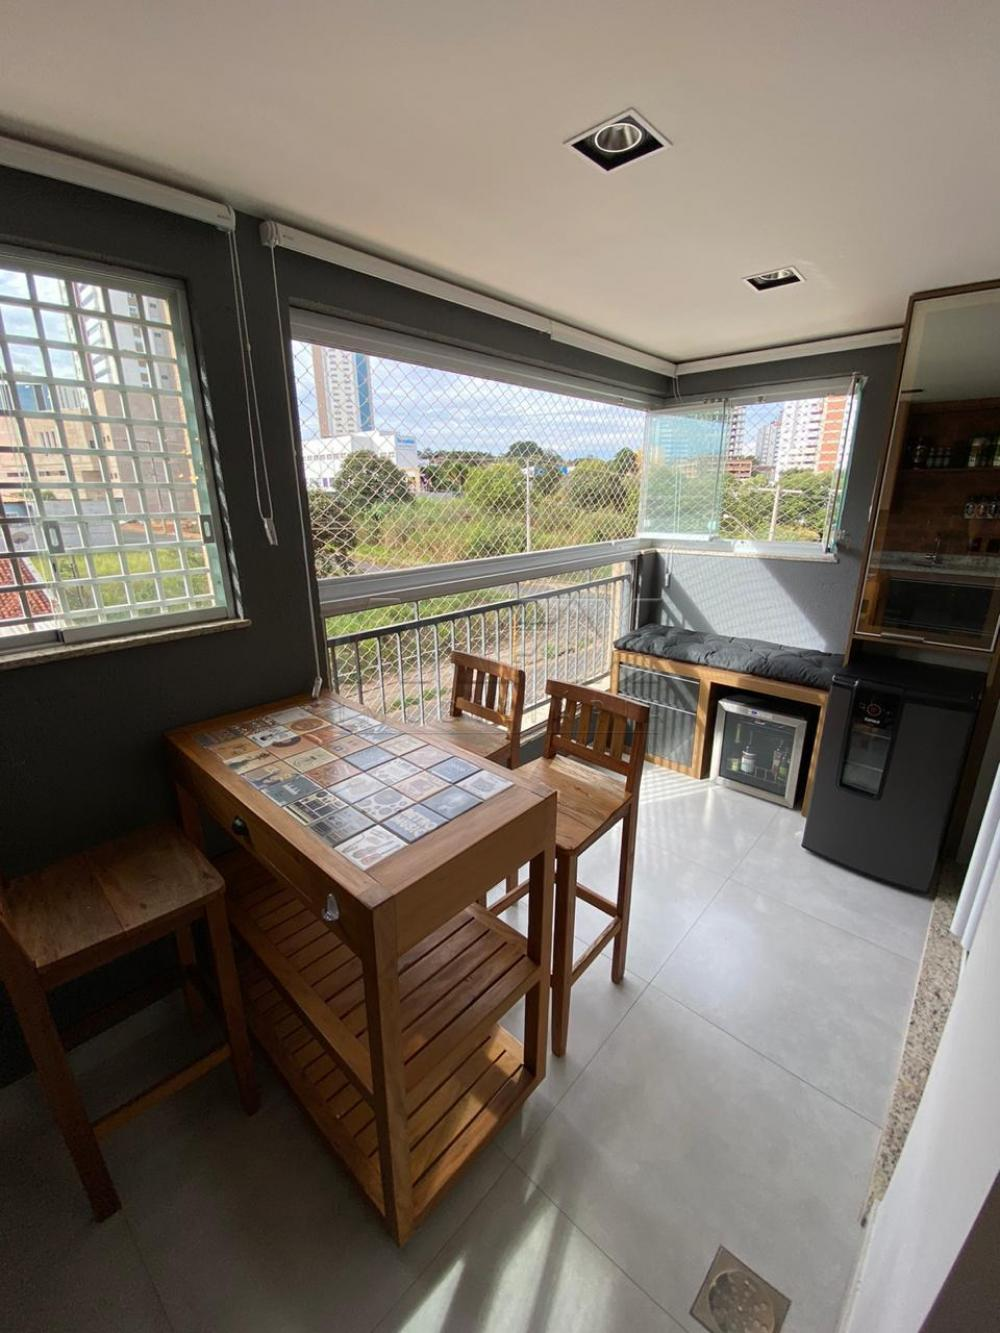 Comprar Apartamento / Padrão em Bauru apenas R$ 620.000,00 - Foto 3